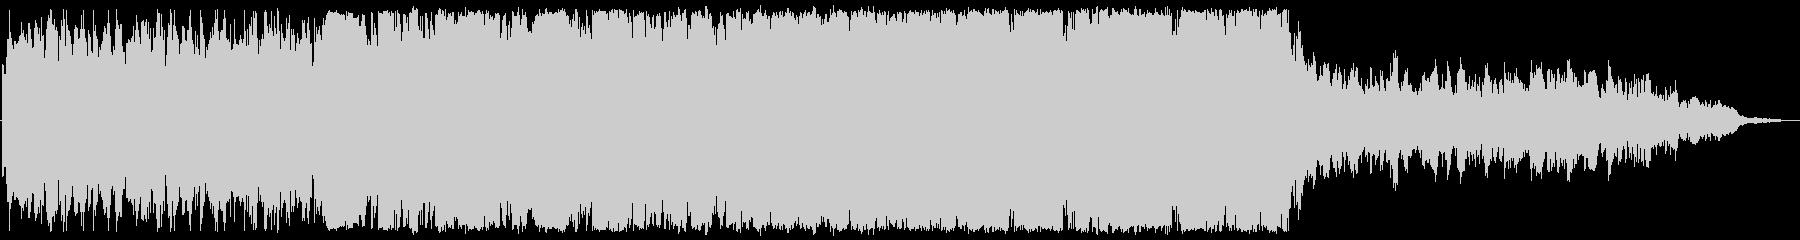 現代的 交響曲 ドラマチック 感情...の未再生の波形